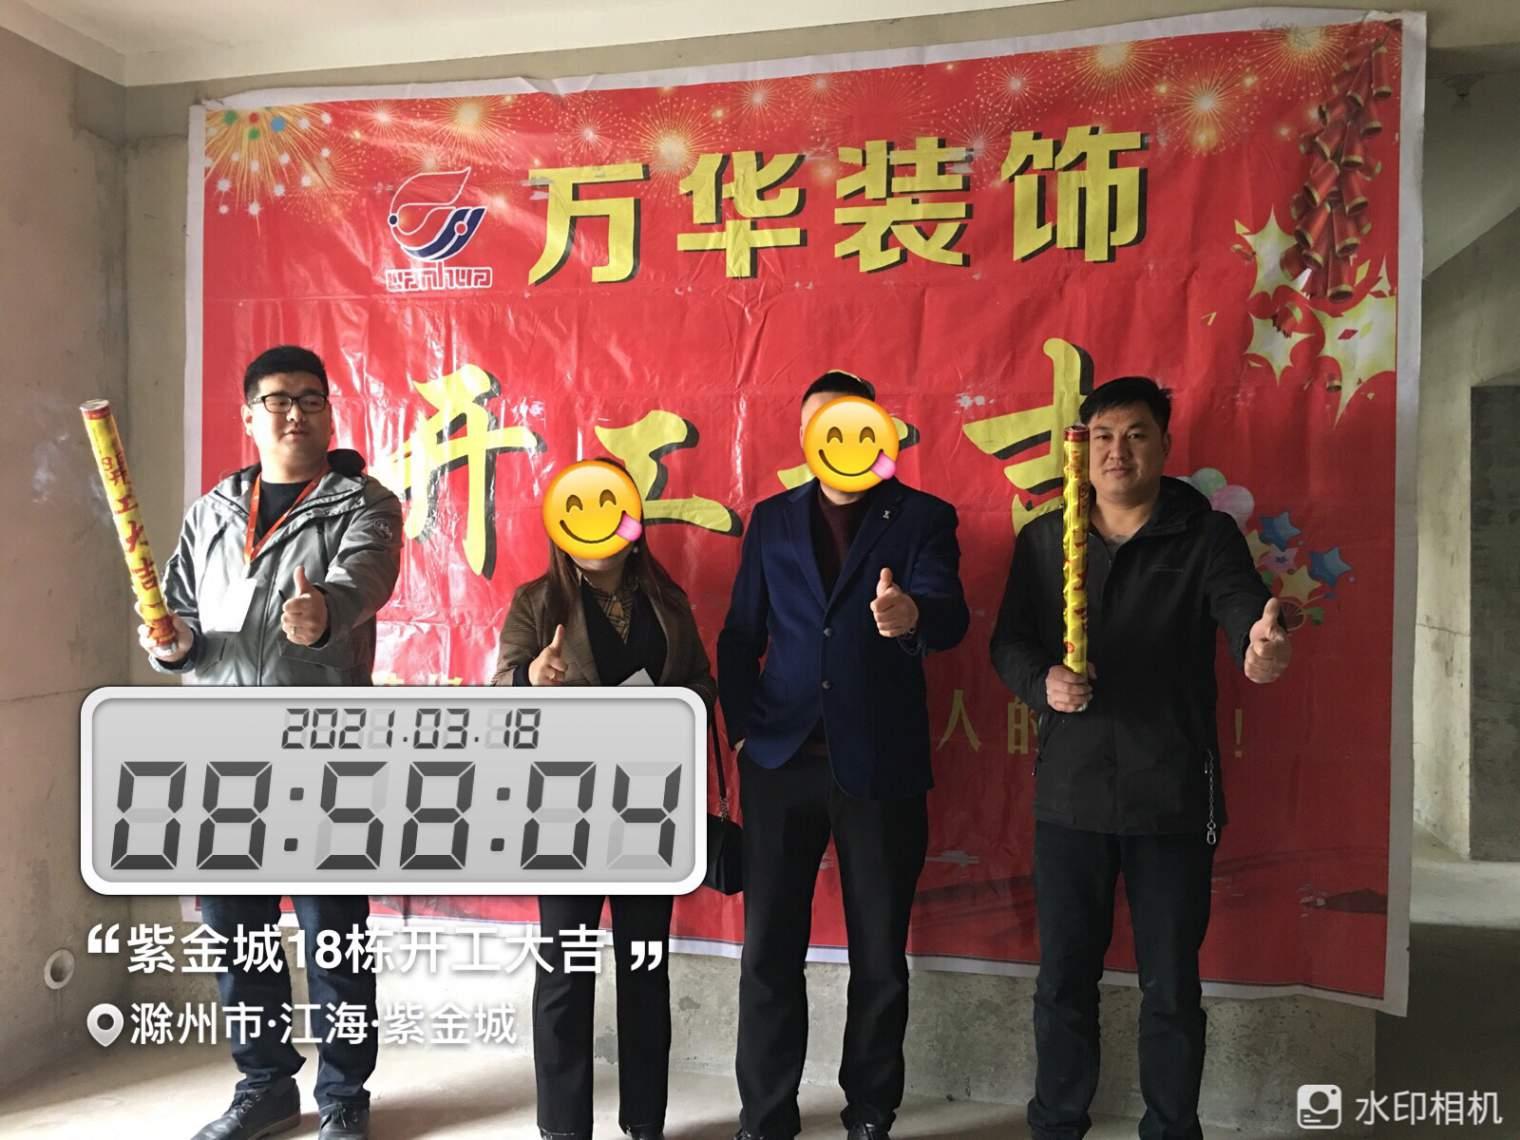 2021年3月18日江海紫金城18棟開工大吉